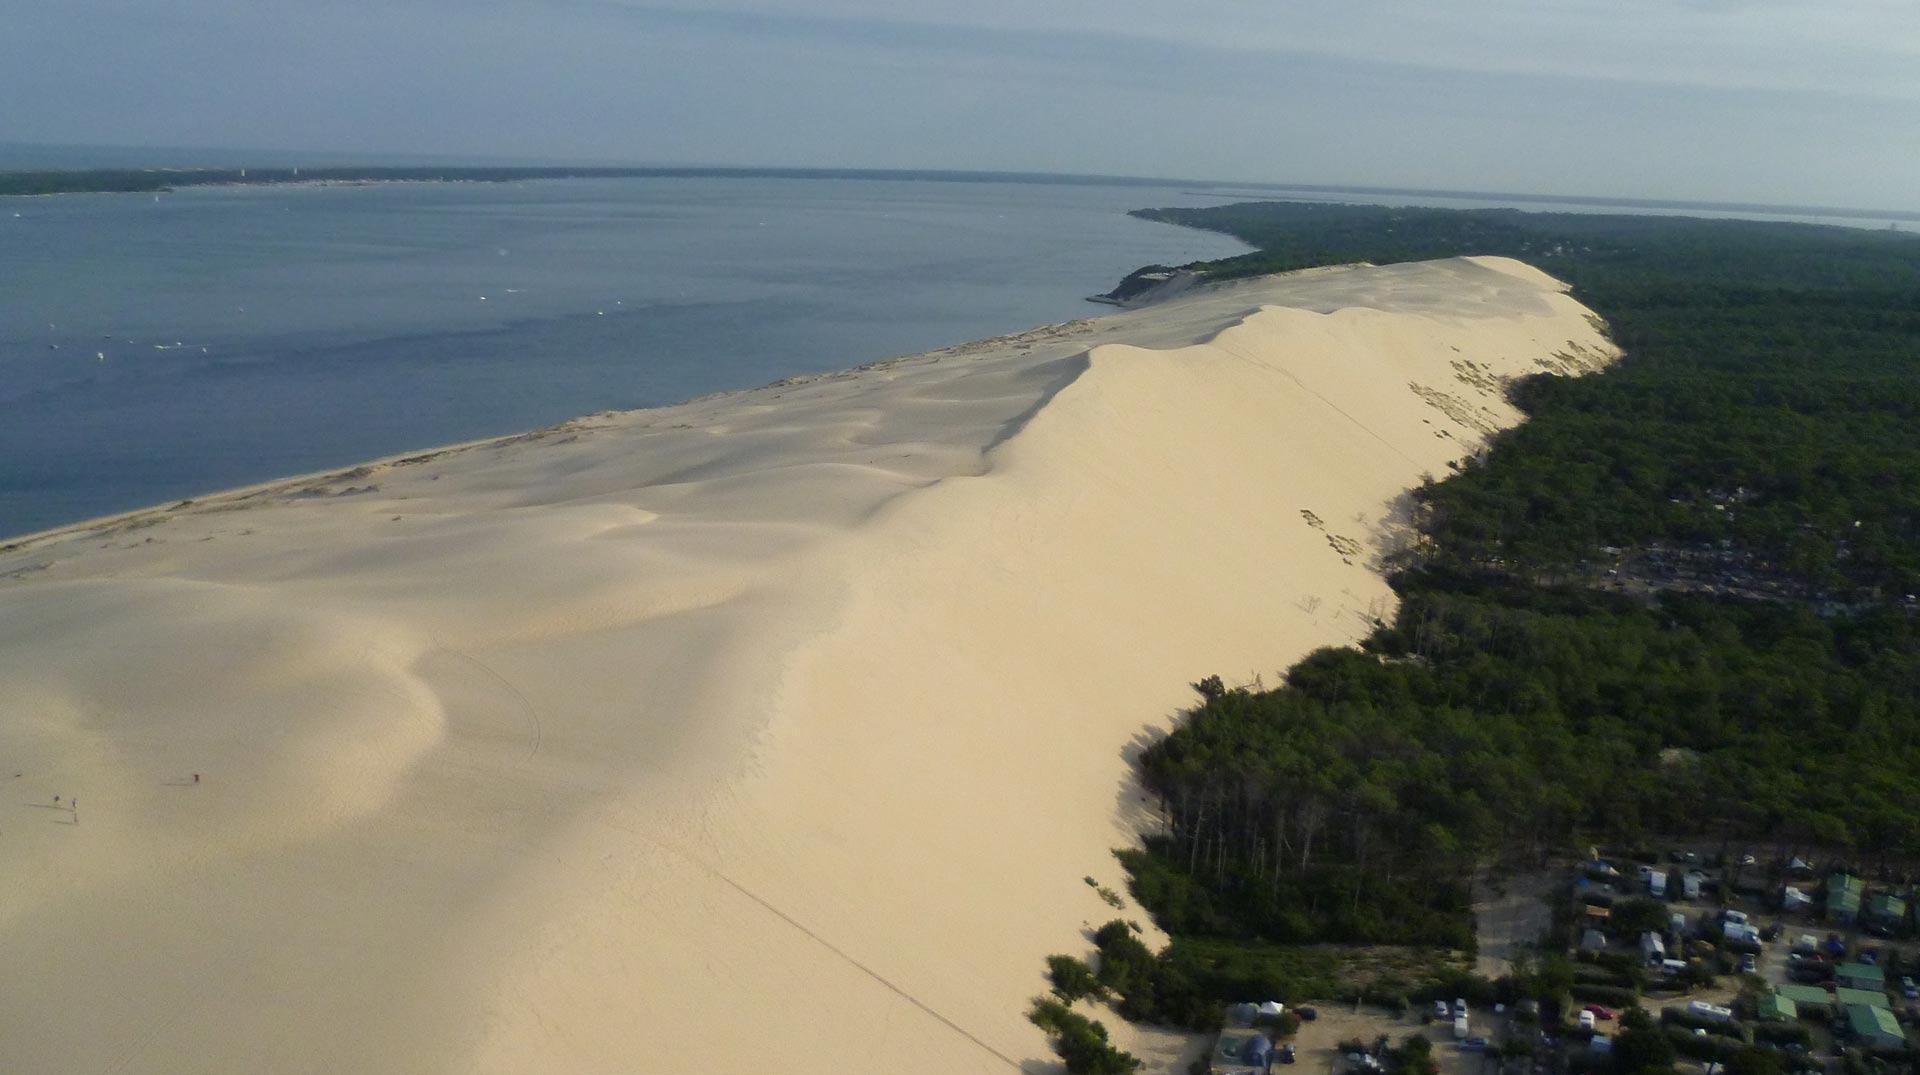 Dune du pilat un parking implant en zone prot g e - Restaurant dune du pilat ...